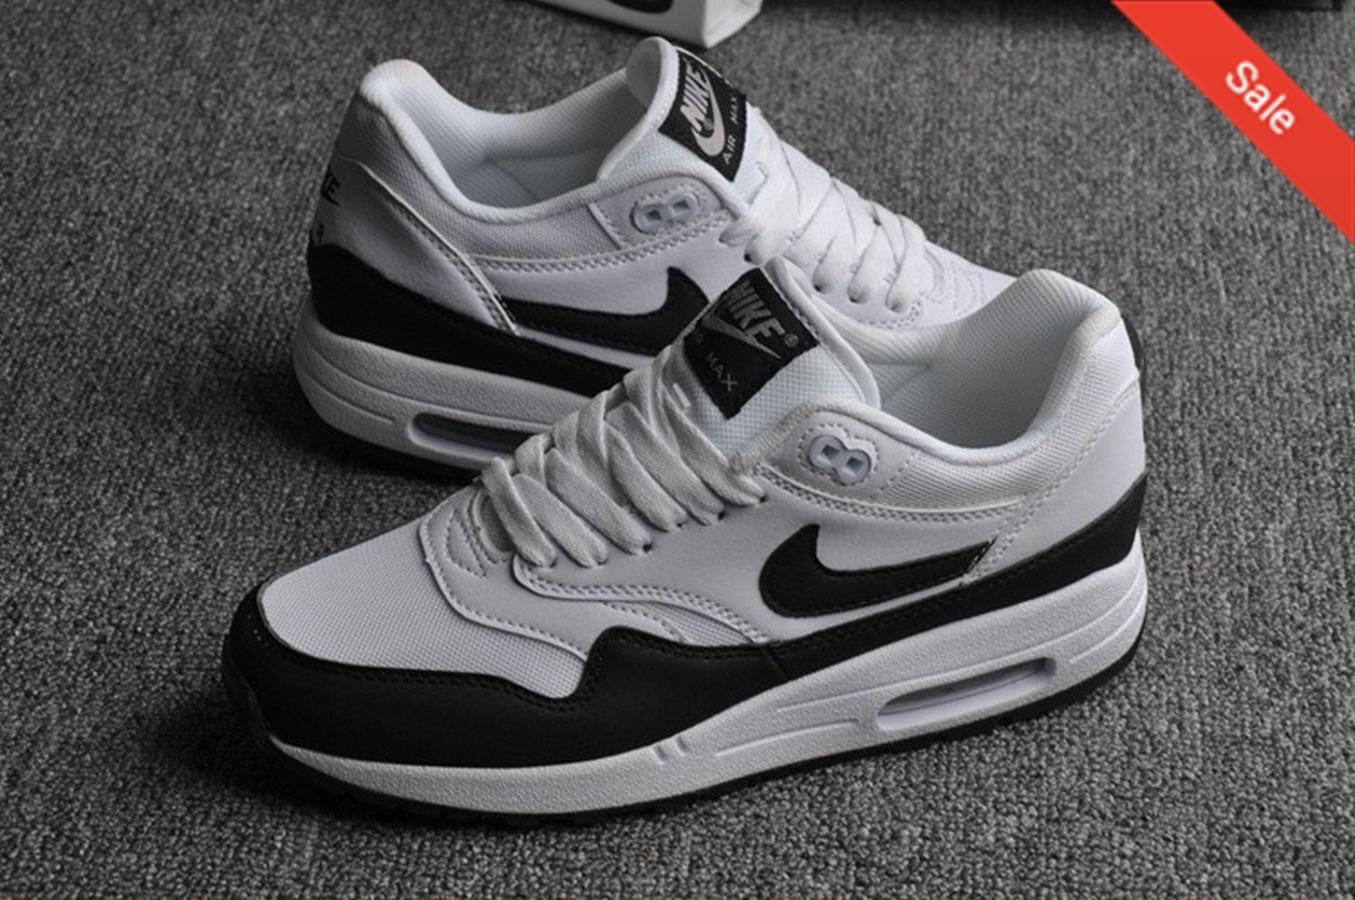 nike air max essential 1 homme,Nike Air Max1 Essential Blanche ...